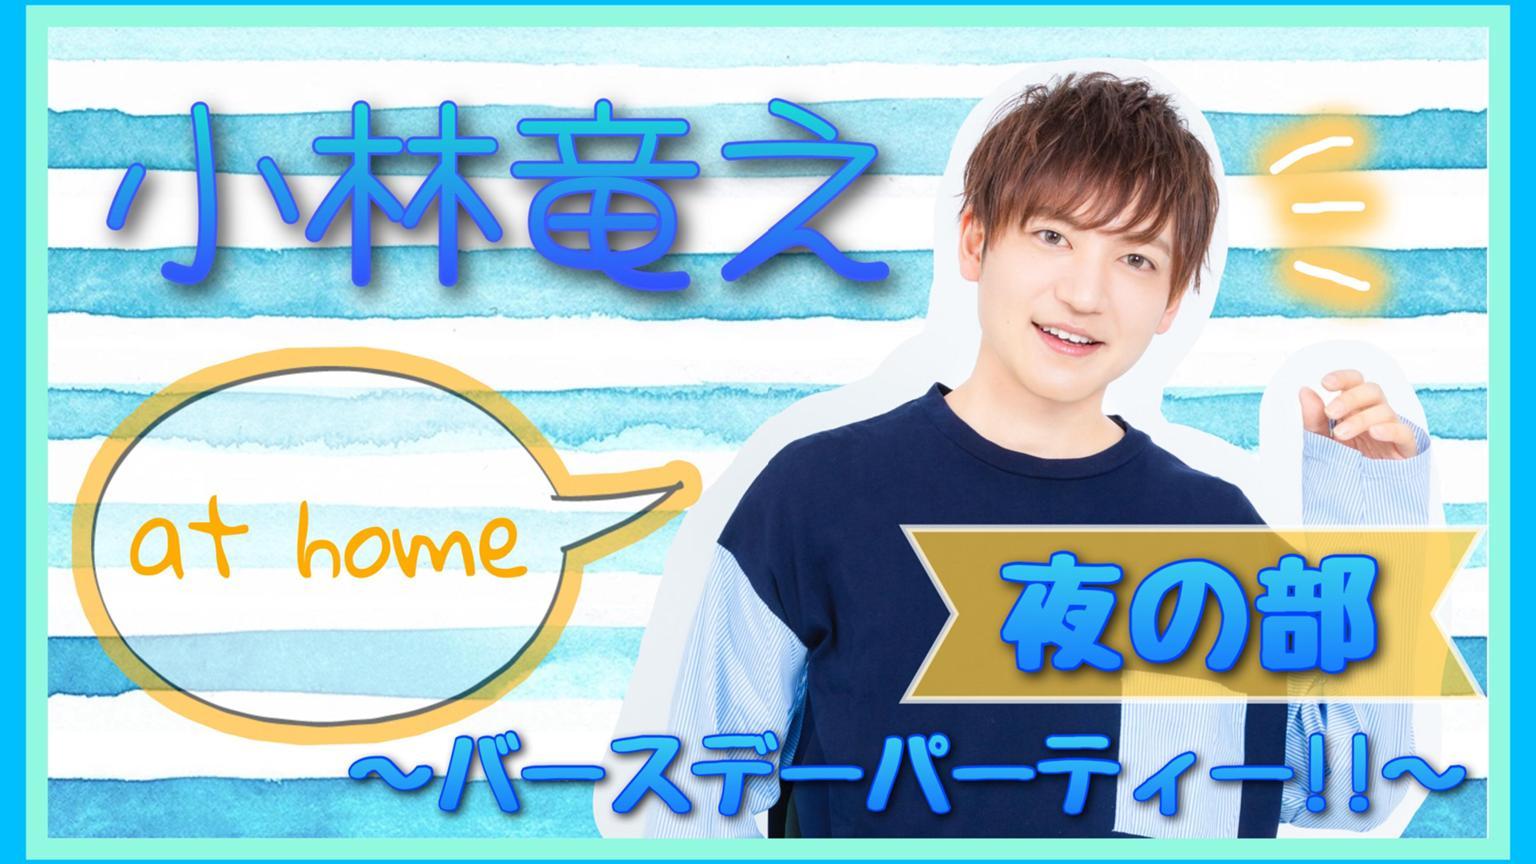 【夜】小林竜之 at home ~バースデーパーティー!!~